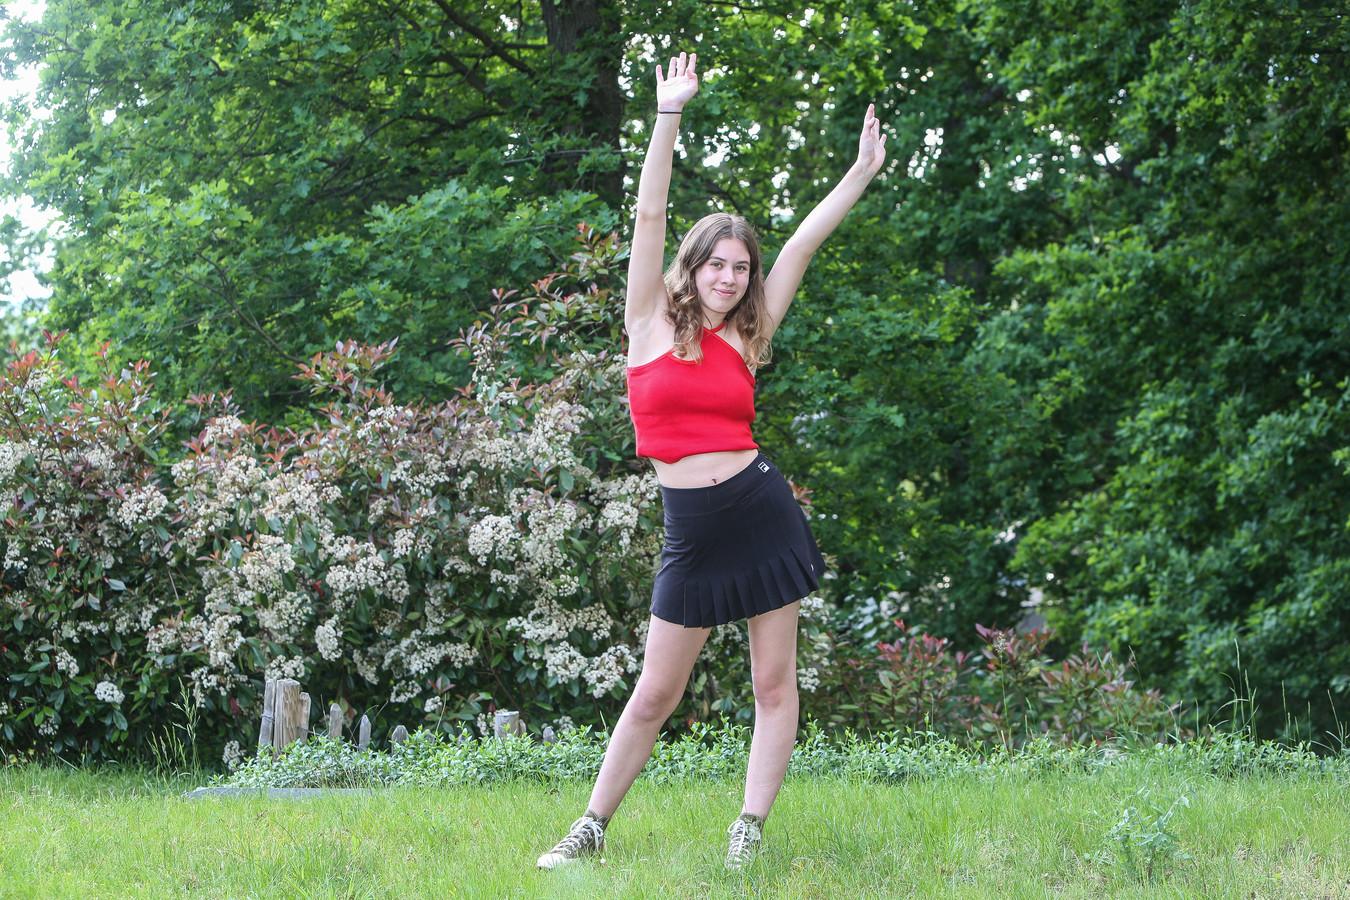 De 14-jarige Beatrix Yavuz klaagt de kledingvoorschriften aan op school.